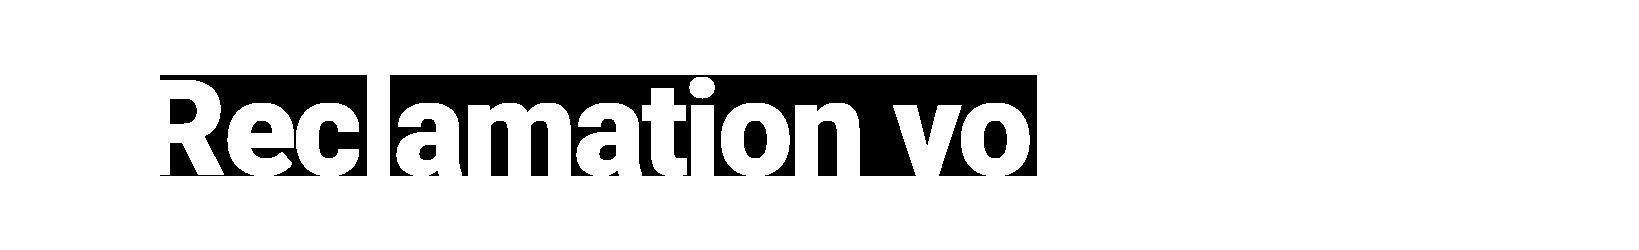 Réclamation-vol.com